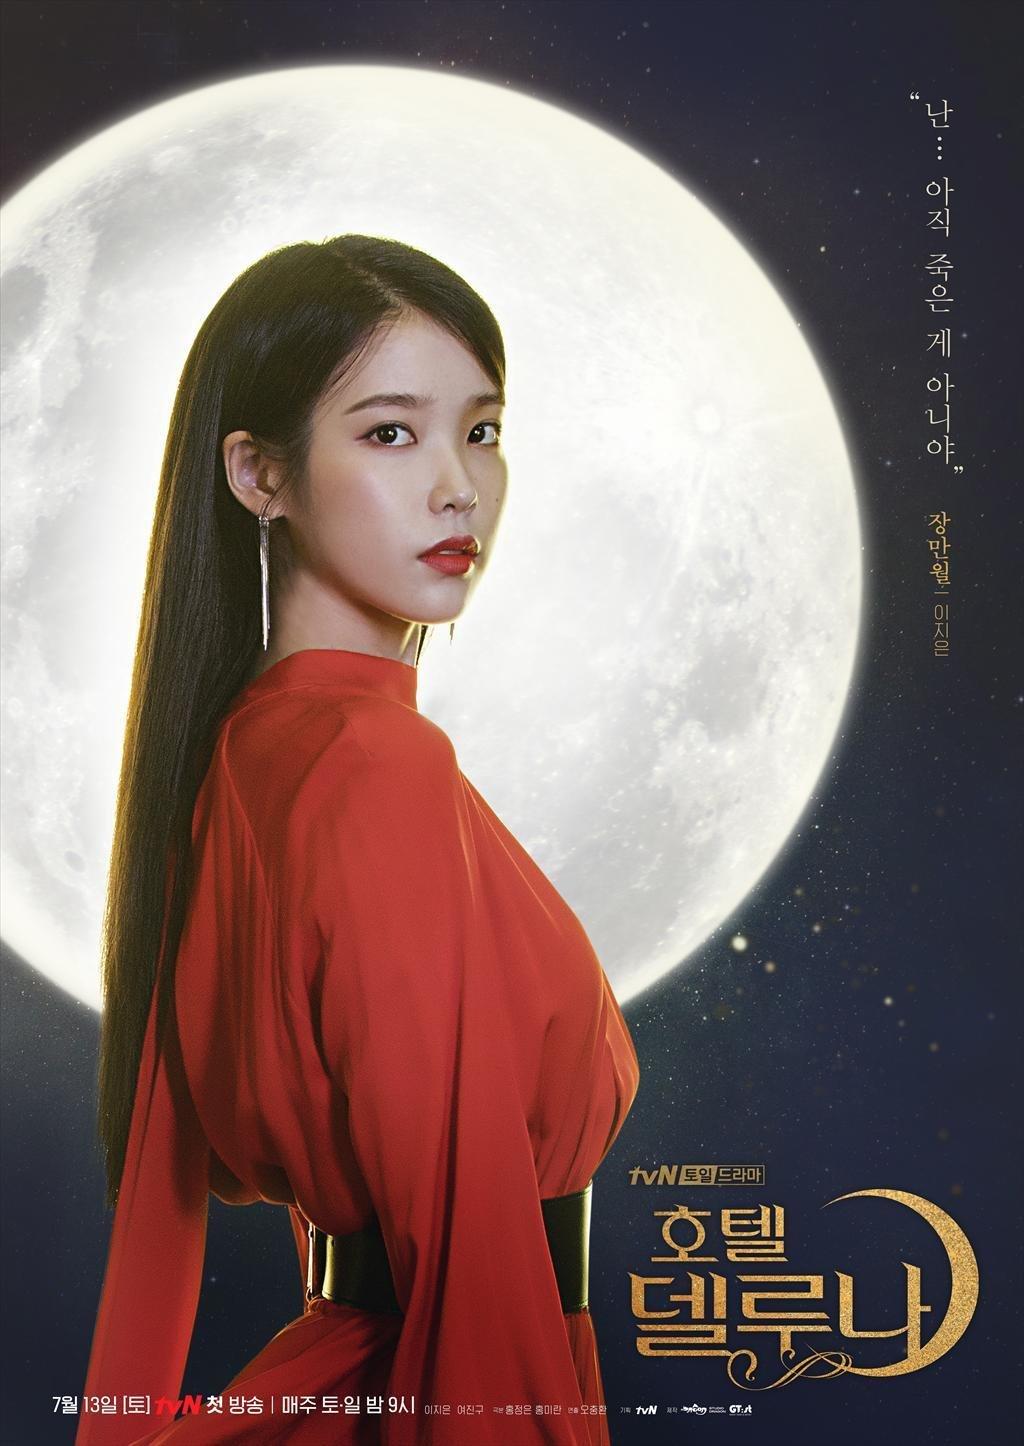 phong cách retro - iu mặc đầm đỏ trên poster phim hotel del luna